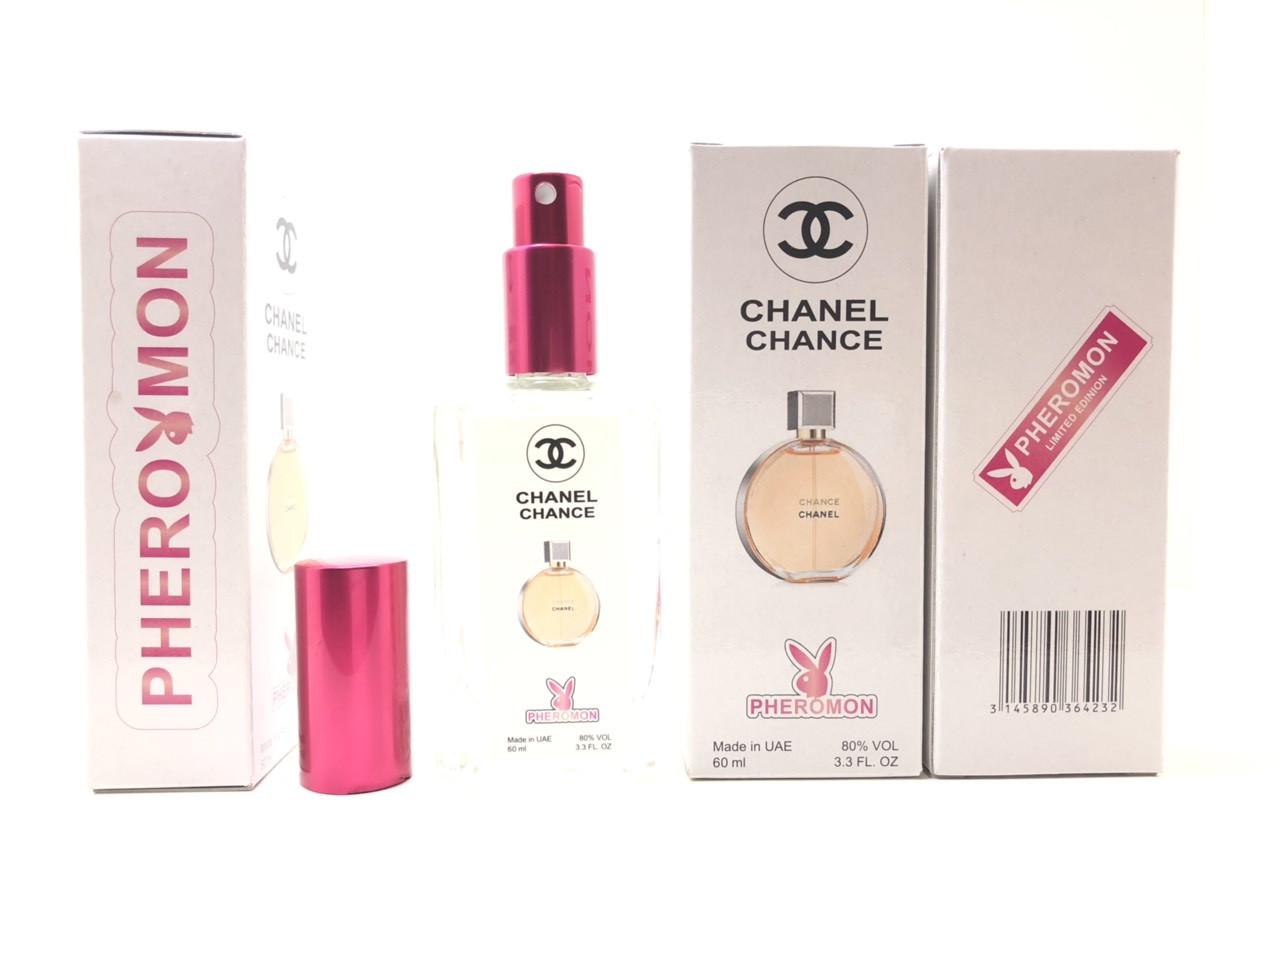 Женский парфюм Chanel Chance в цветной упаковке с феромонами (реплика) тестер 60 ml